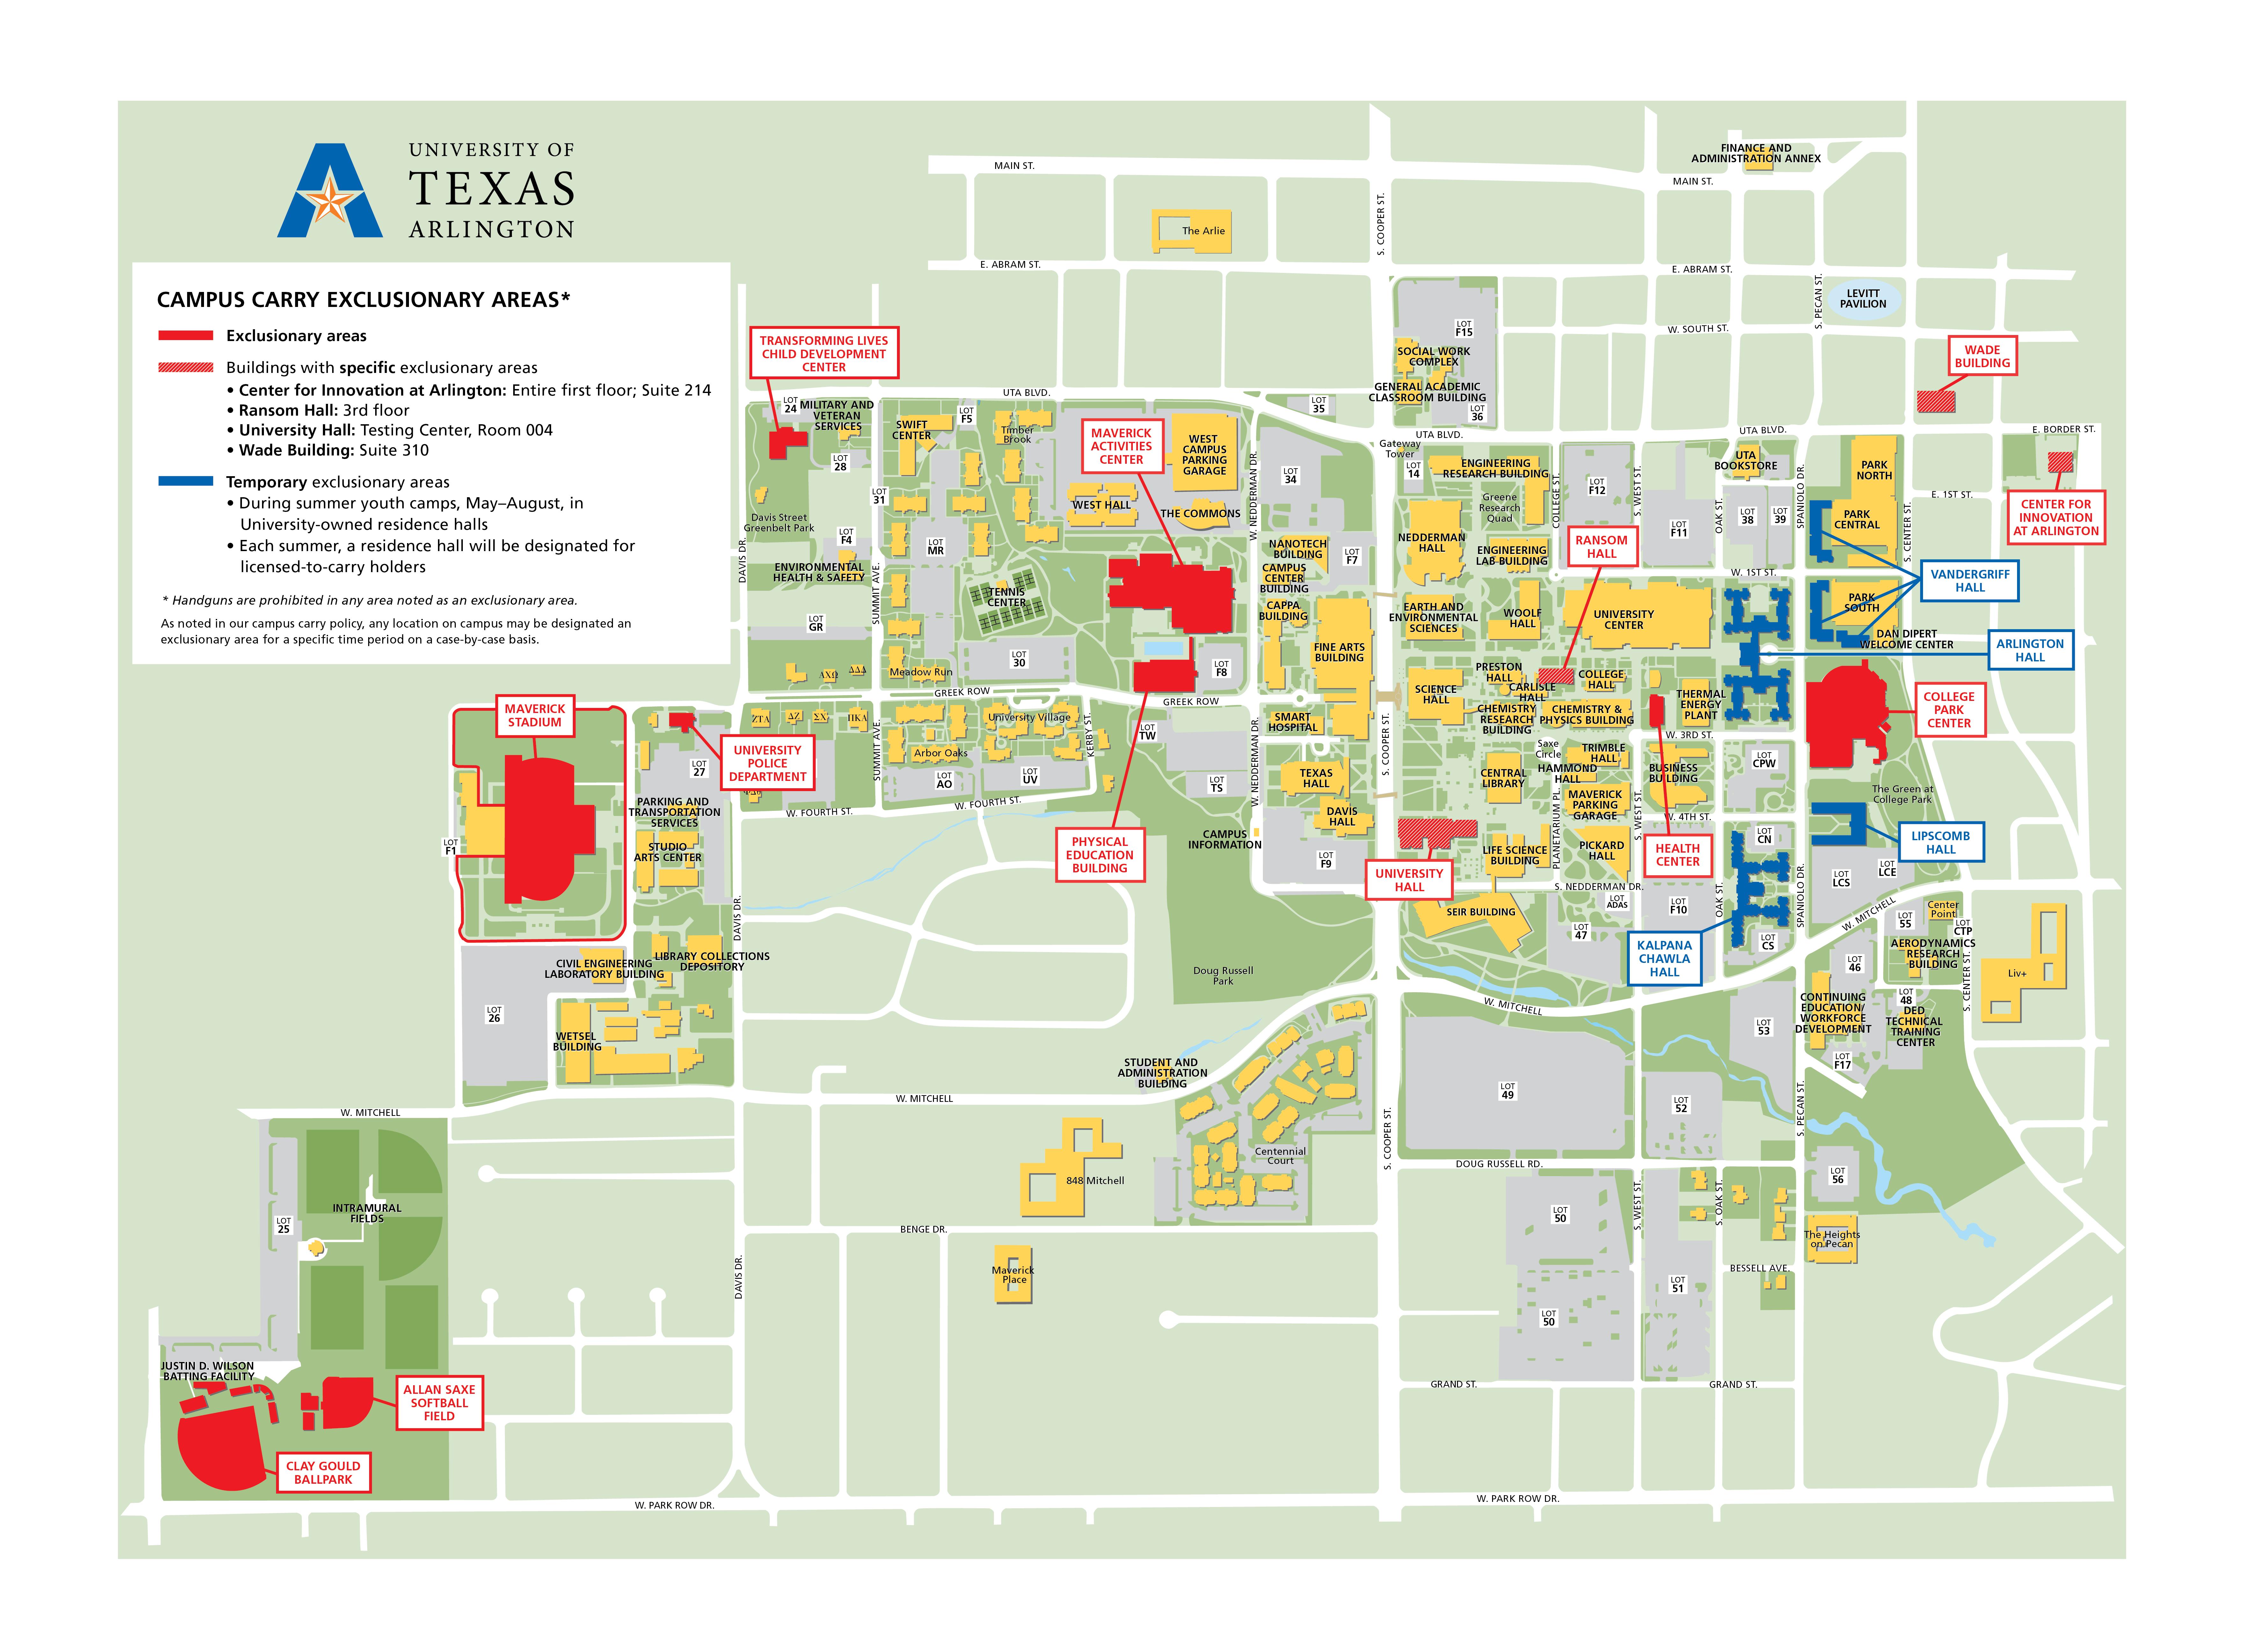 university of texas at arlington campus map Campus Carry Exclusion Areas The University Of Texas At Arlington